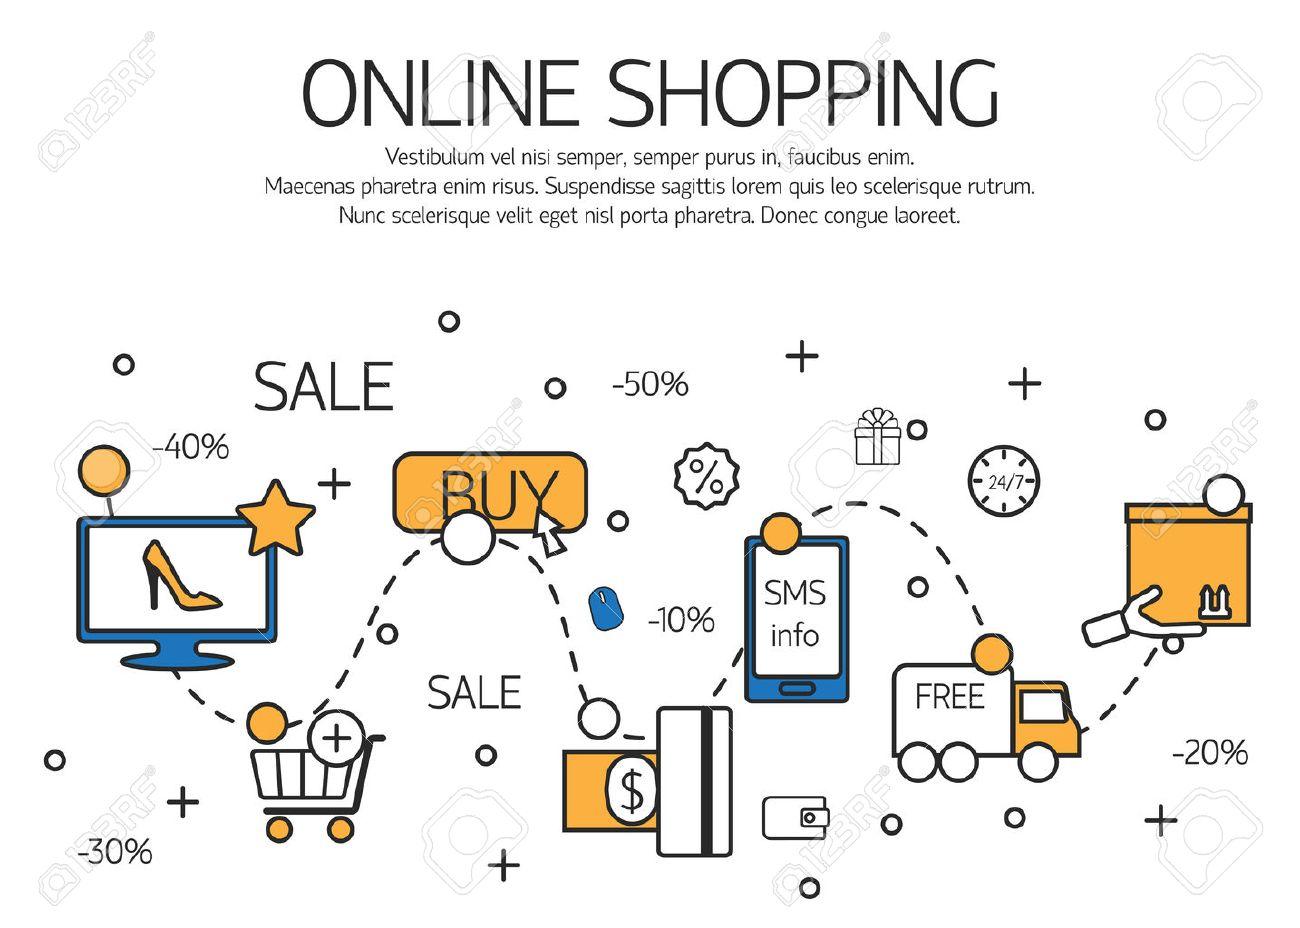 ecec2c9aa0 Foto de archivo - Las compras en línea esquema concepto de proceso de  compra en la tienda online. Ilustración del vector.